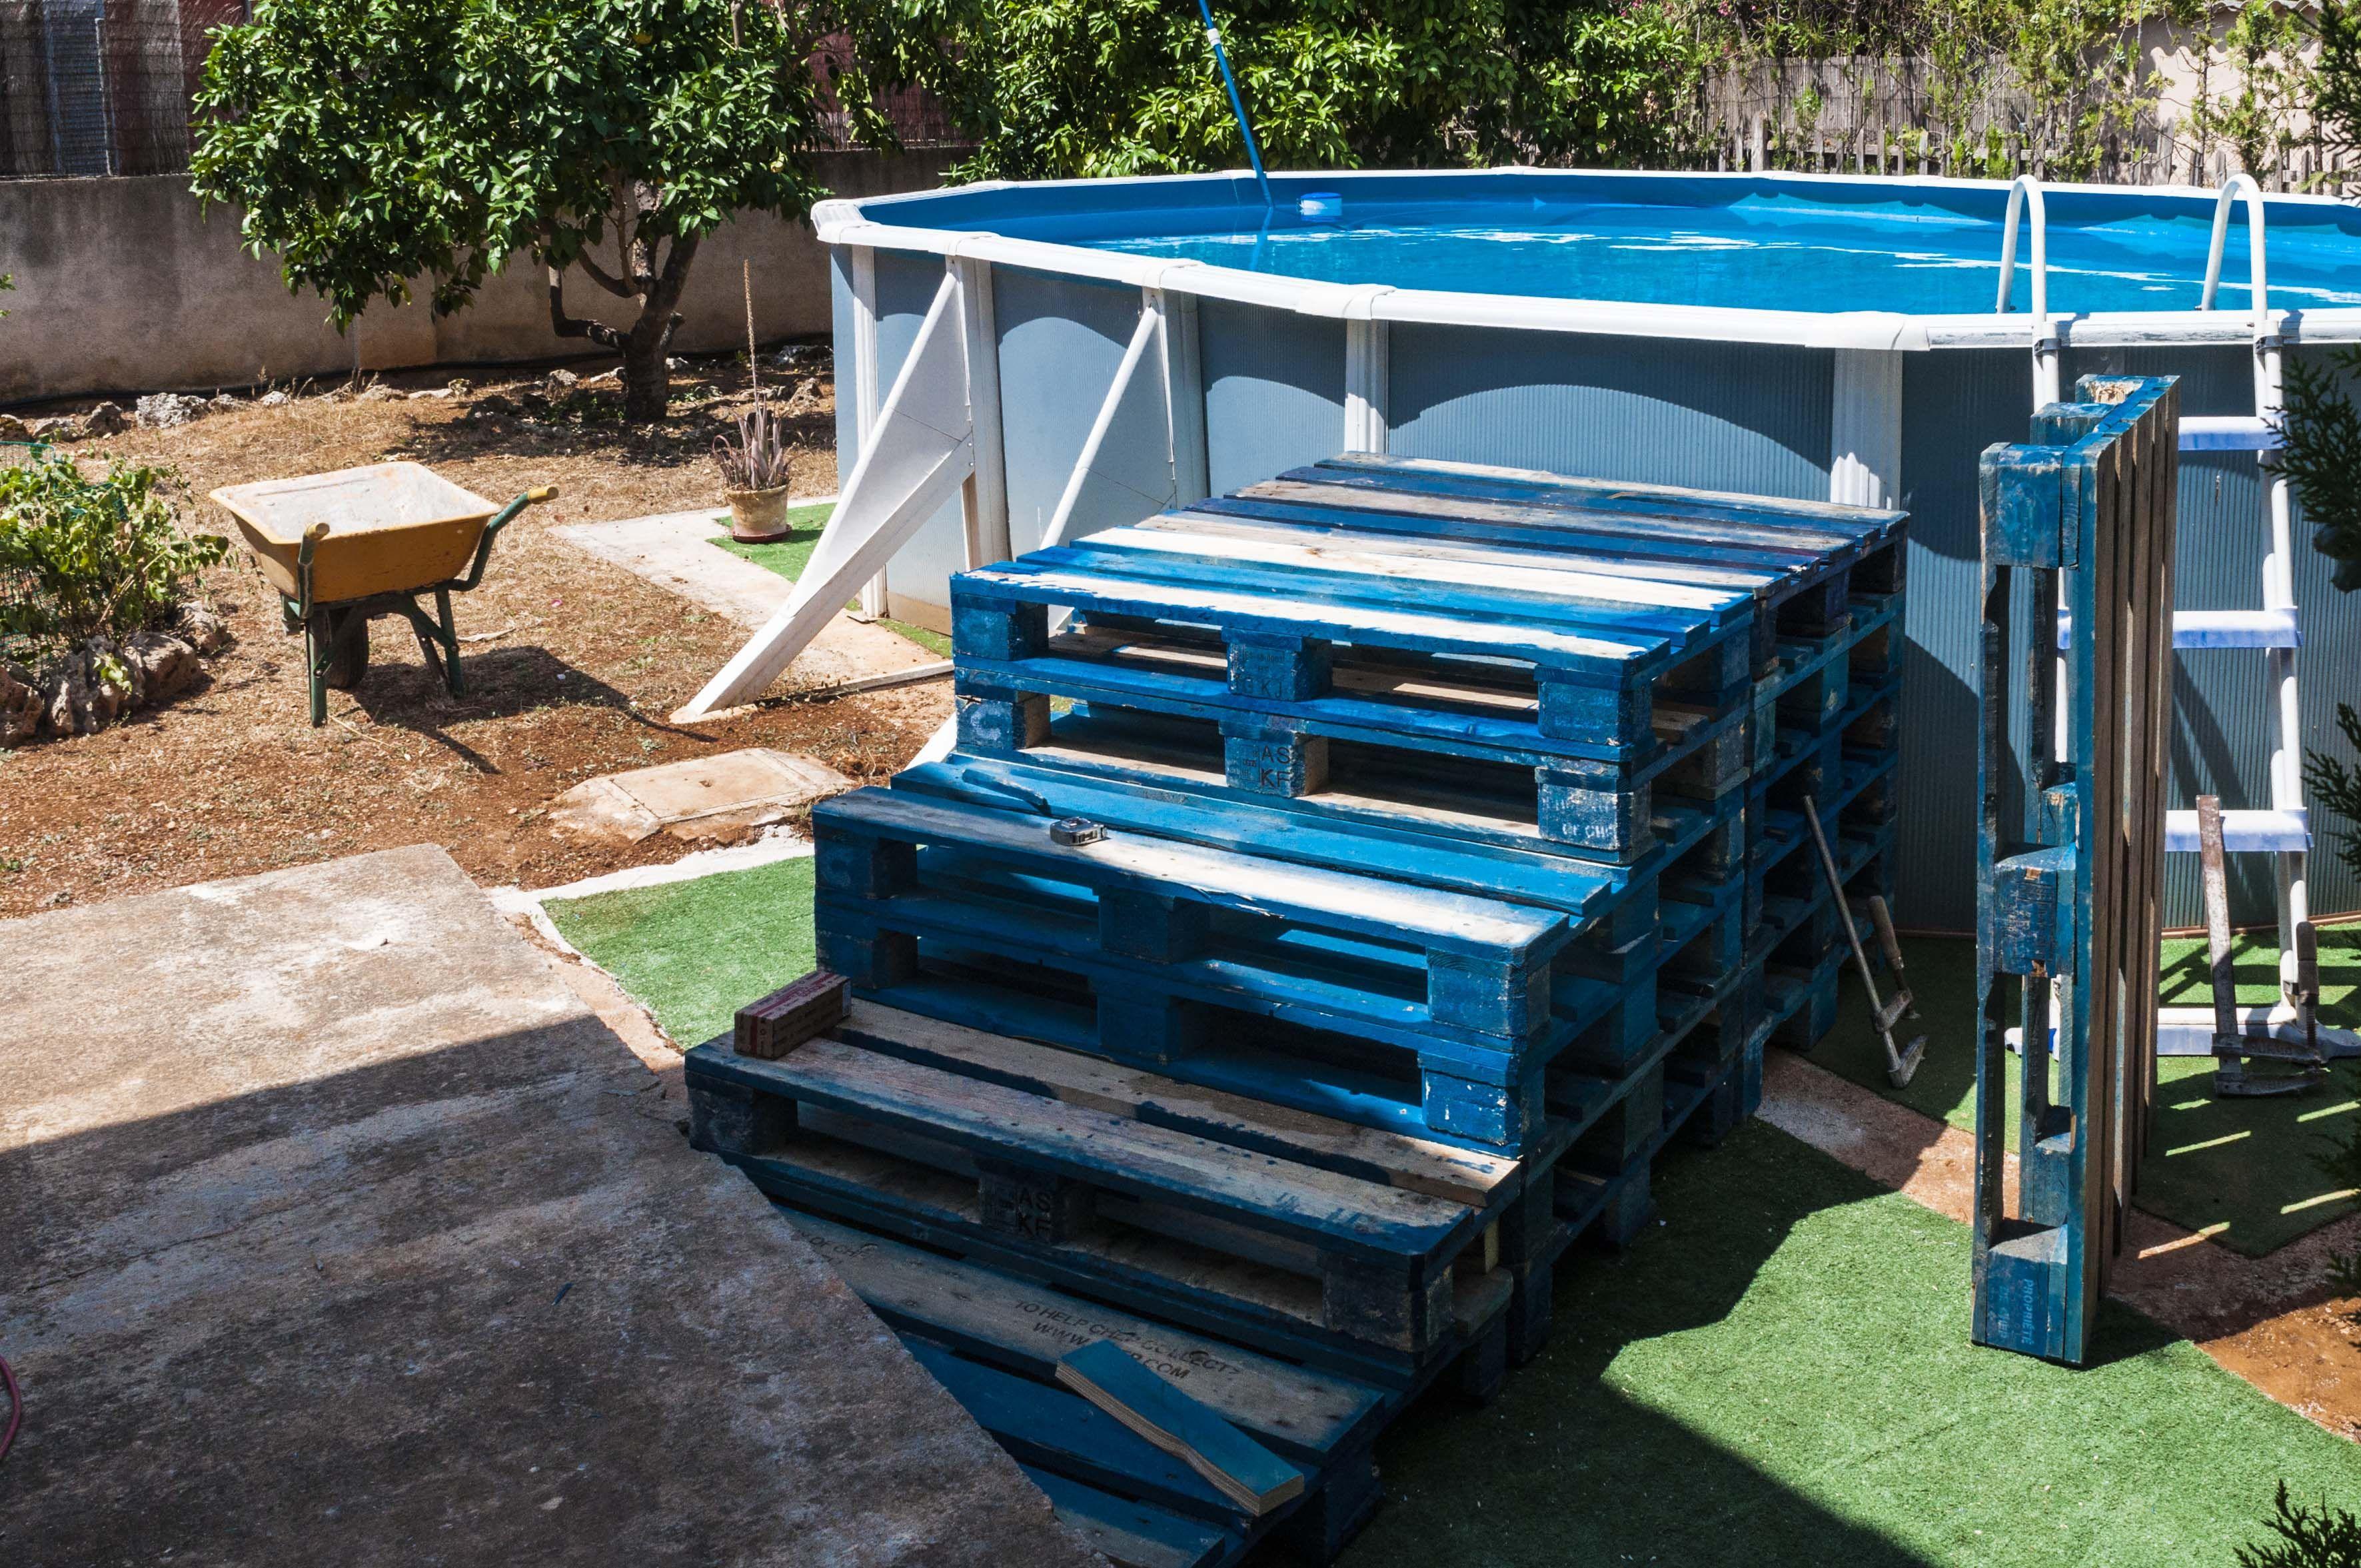 Escalera piscina hecha con palets home pinterest for Piscina con palets